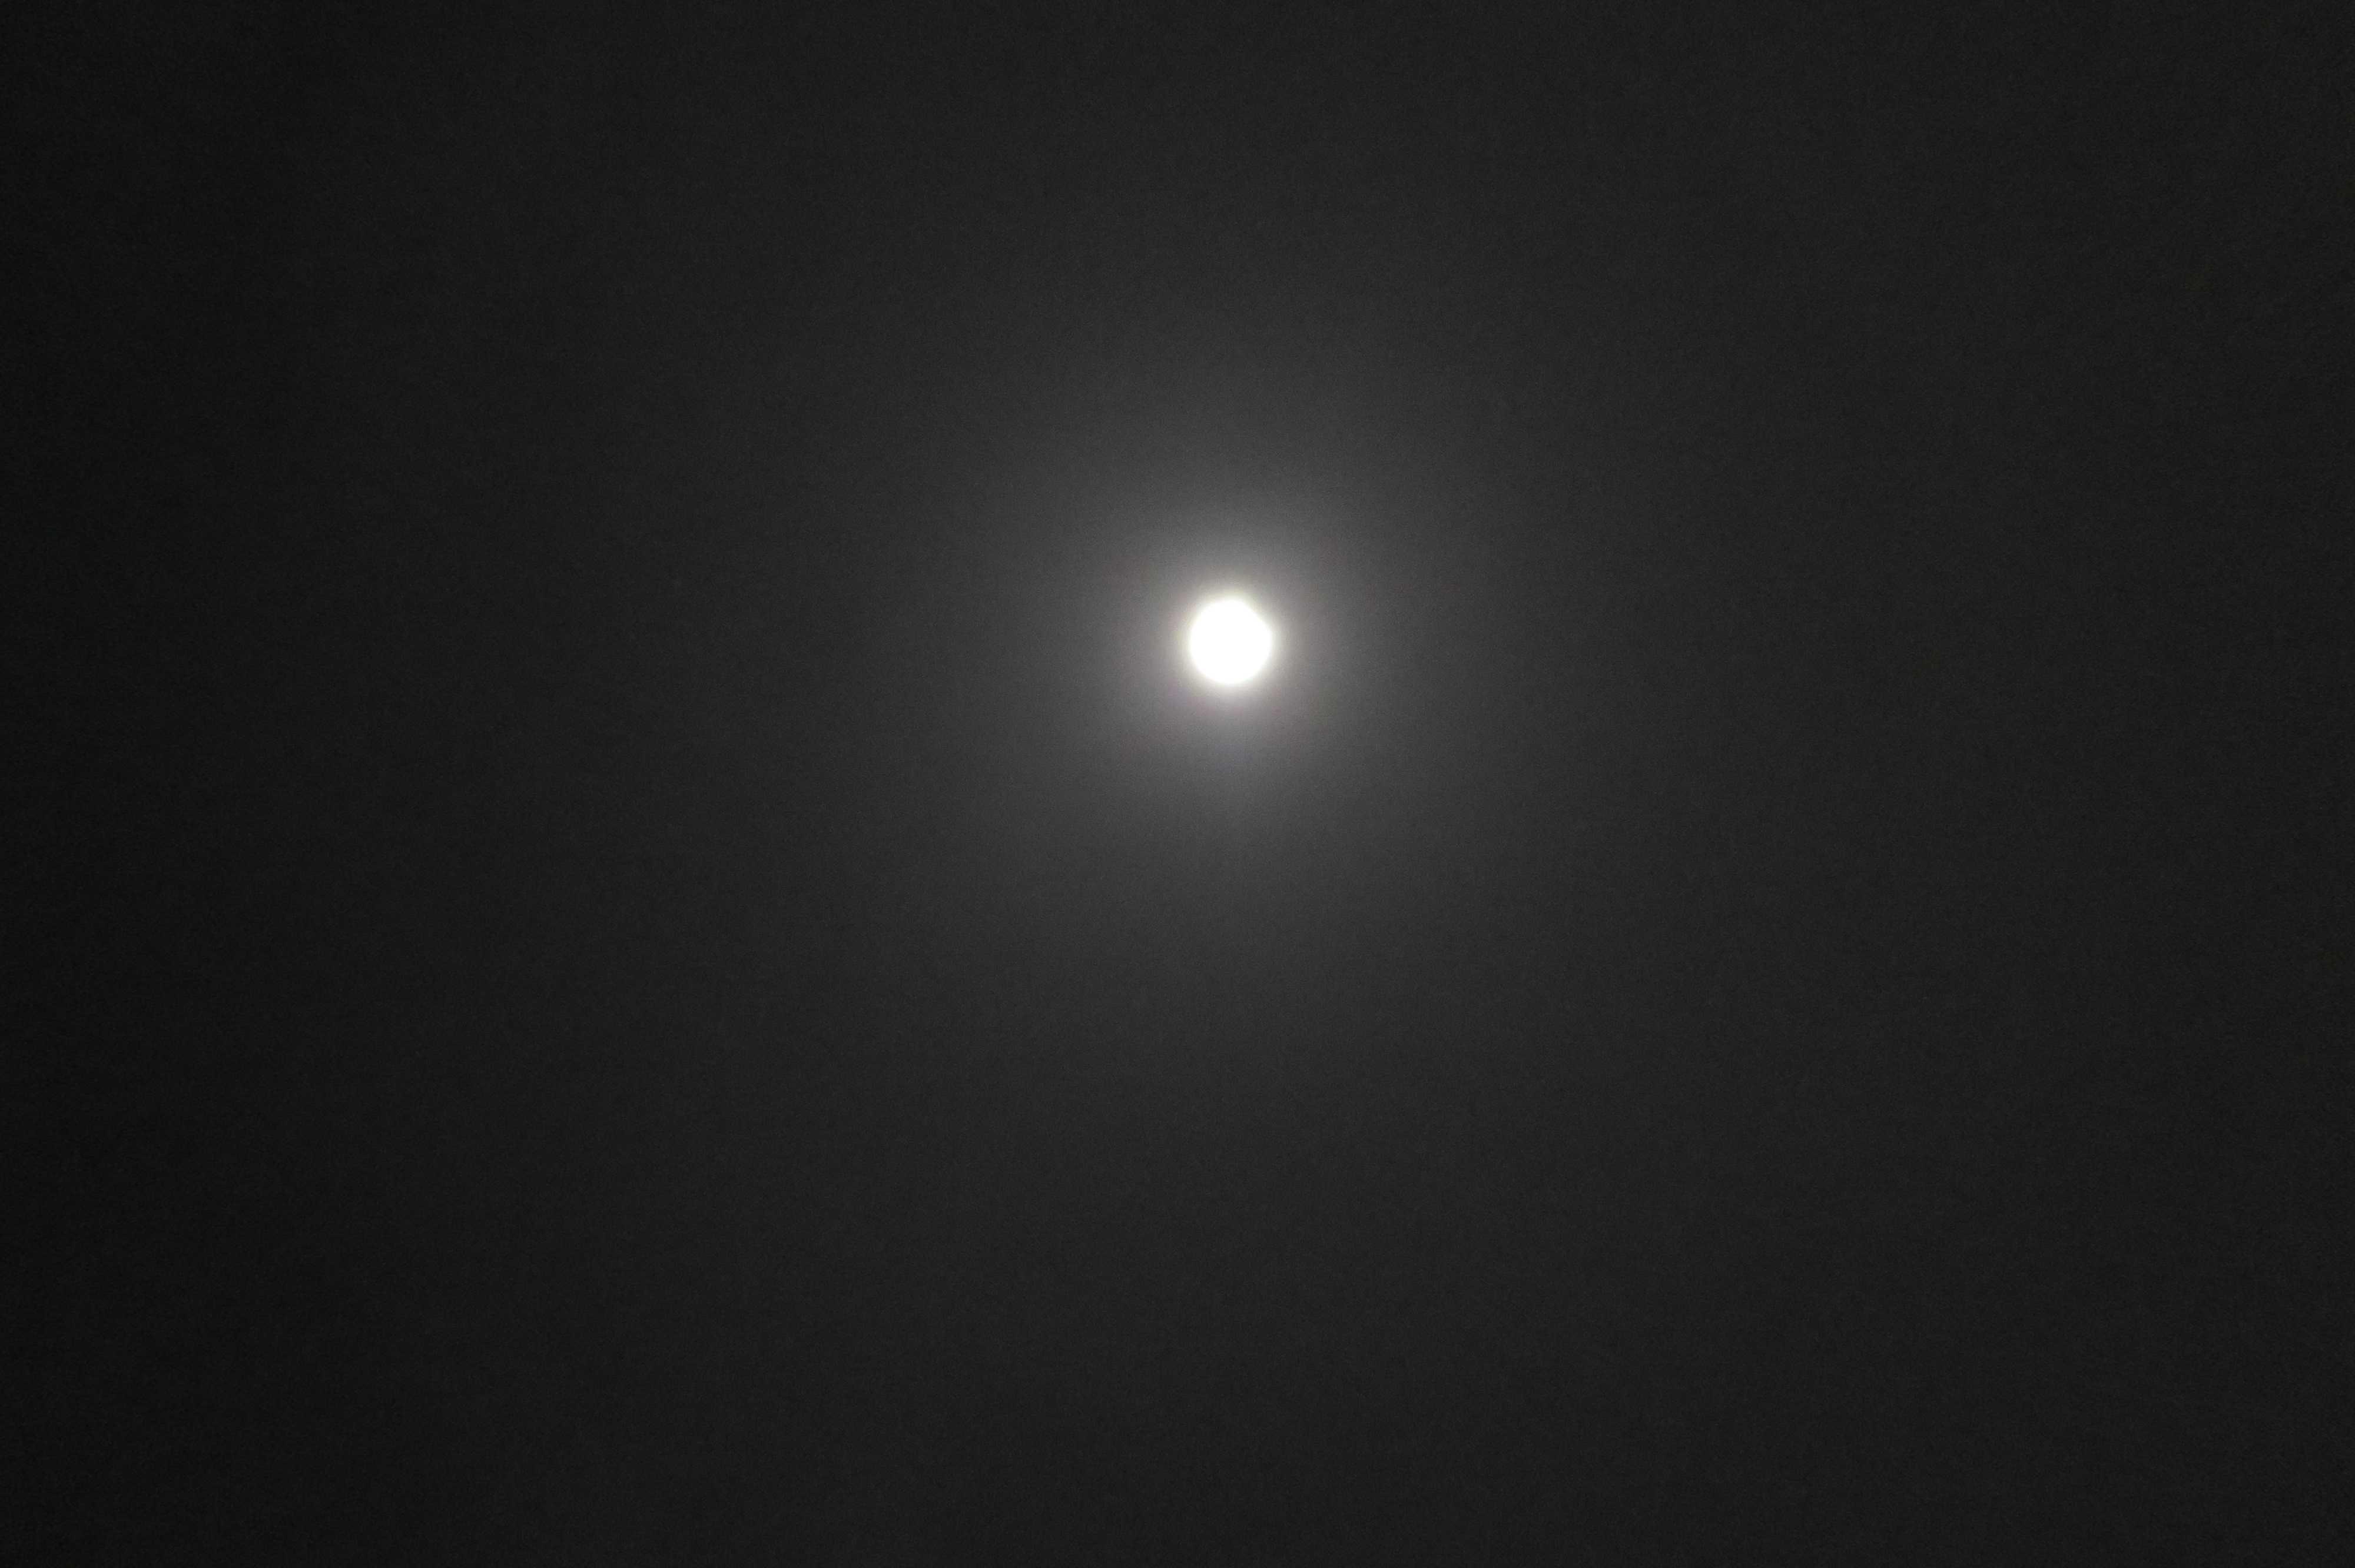 平成28年(2016年)の西大寺会陽を見つめたお月様